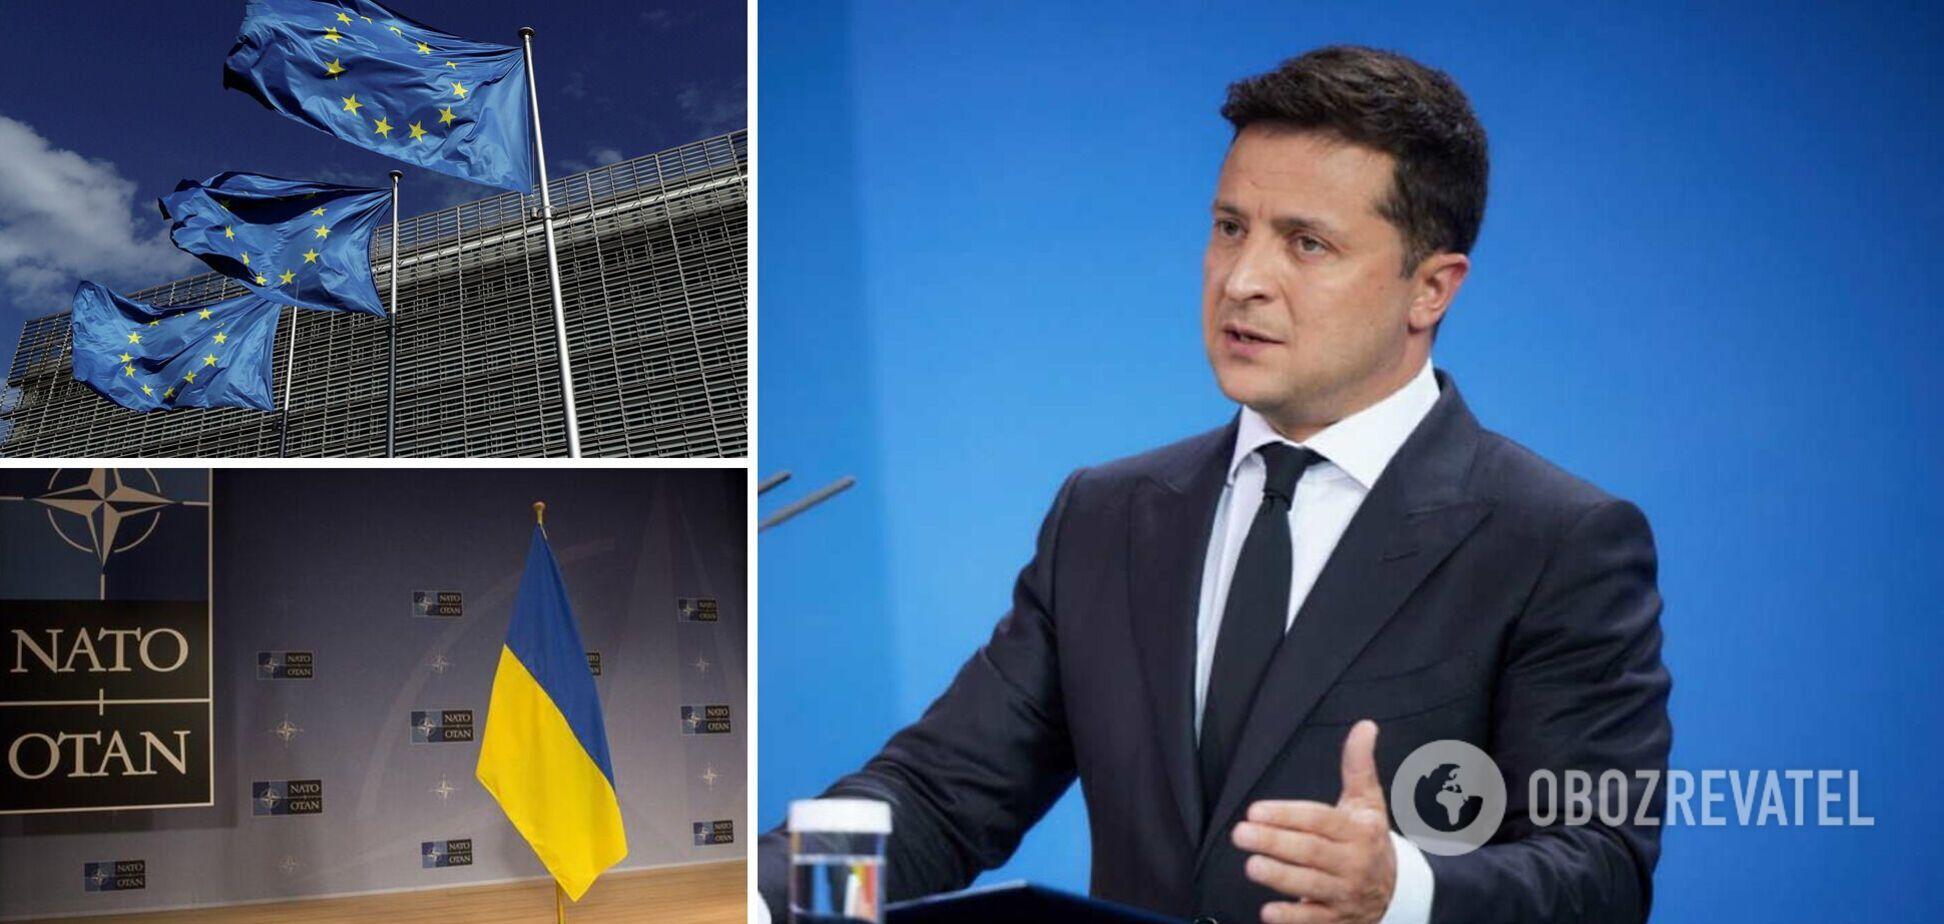 Вступ до НАТО і ЄС, боротьба з агресією Росії: Зеленський затвердив Стратегію зовнішньої політики. Документ